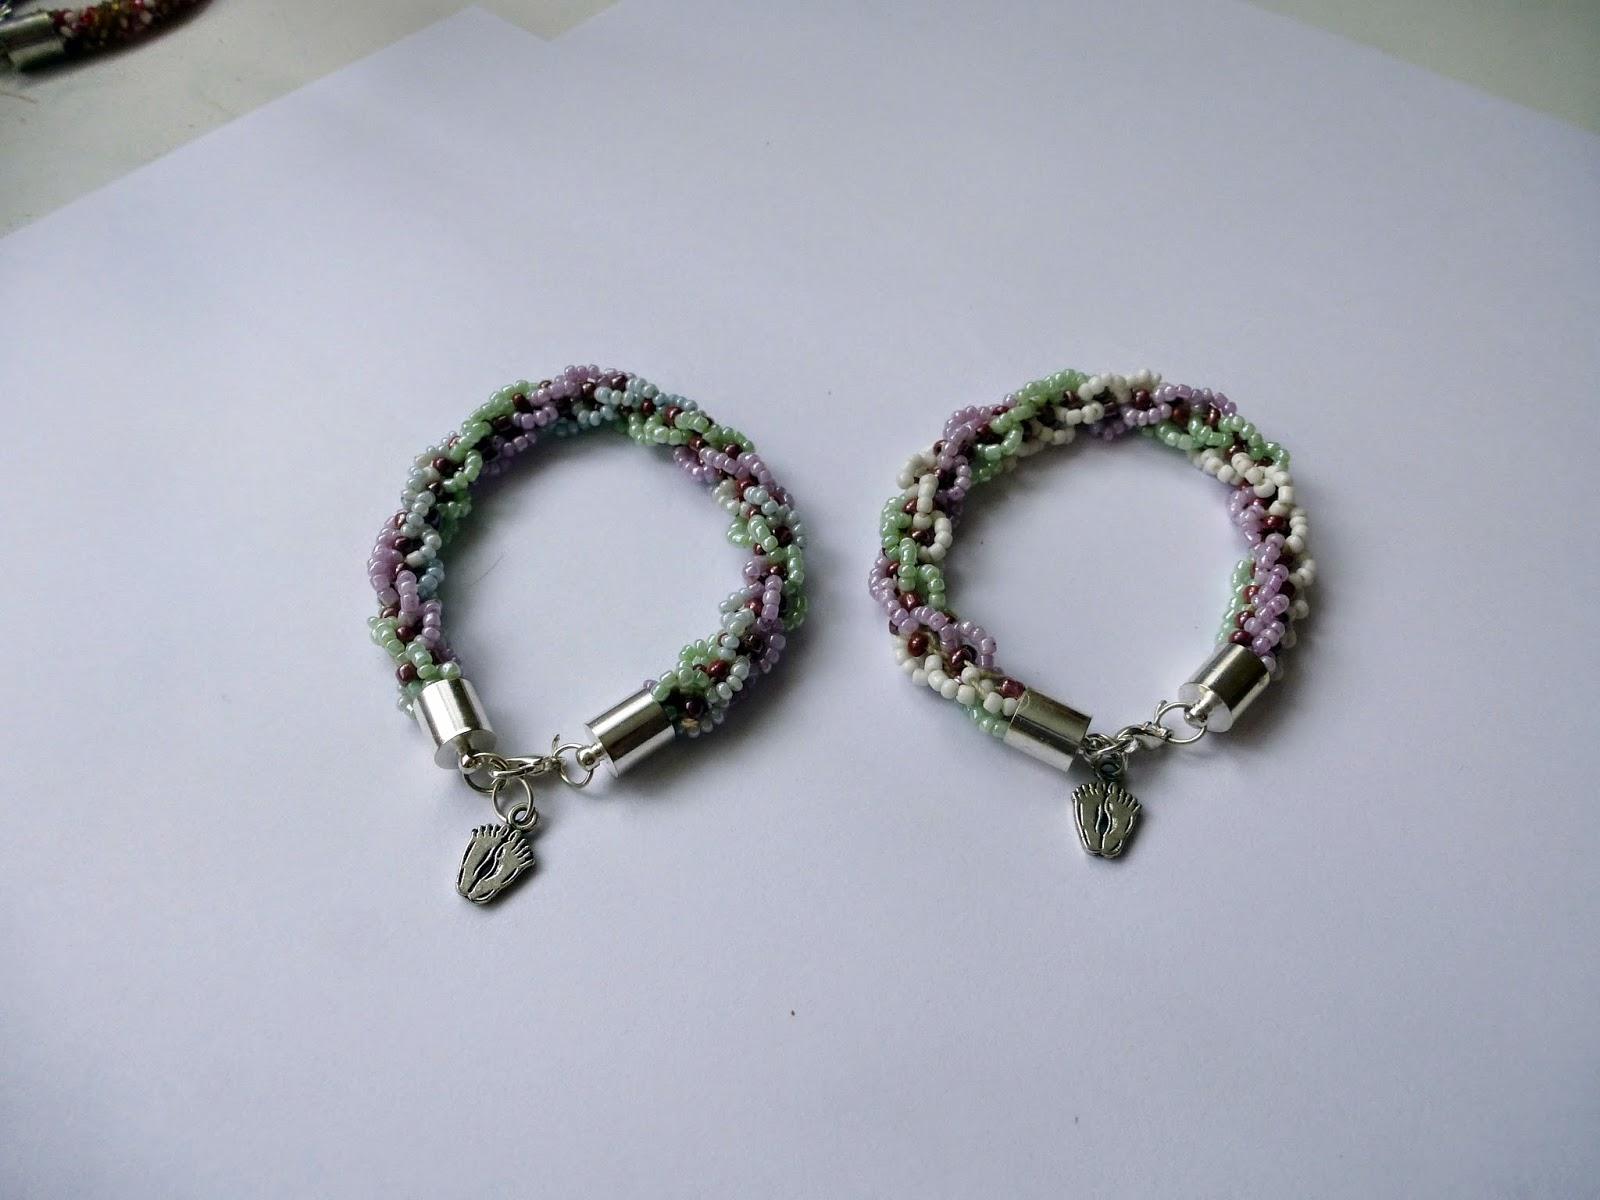 c13de01eafe5 Pokaże wam moje ulubione bransoletki wykonane metodą sznura tureckiego.  Jest to dość łatwa metoda pracy